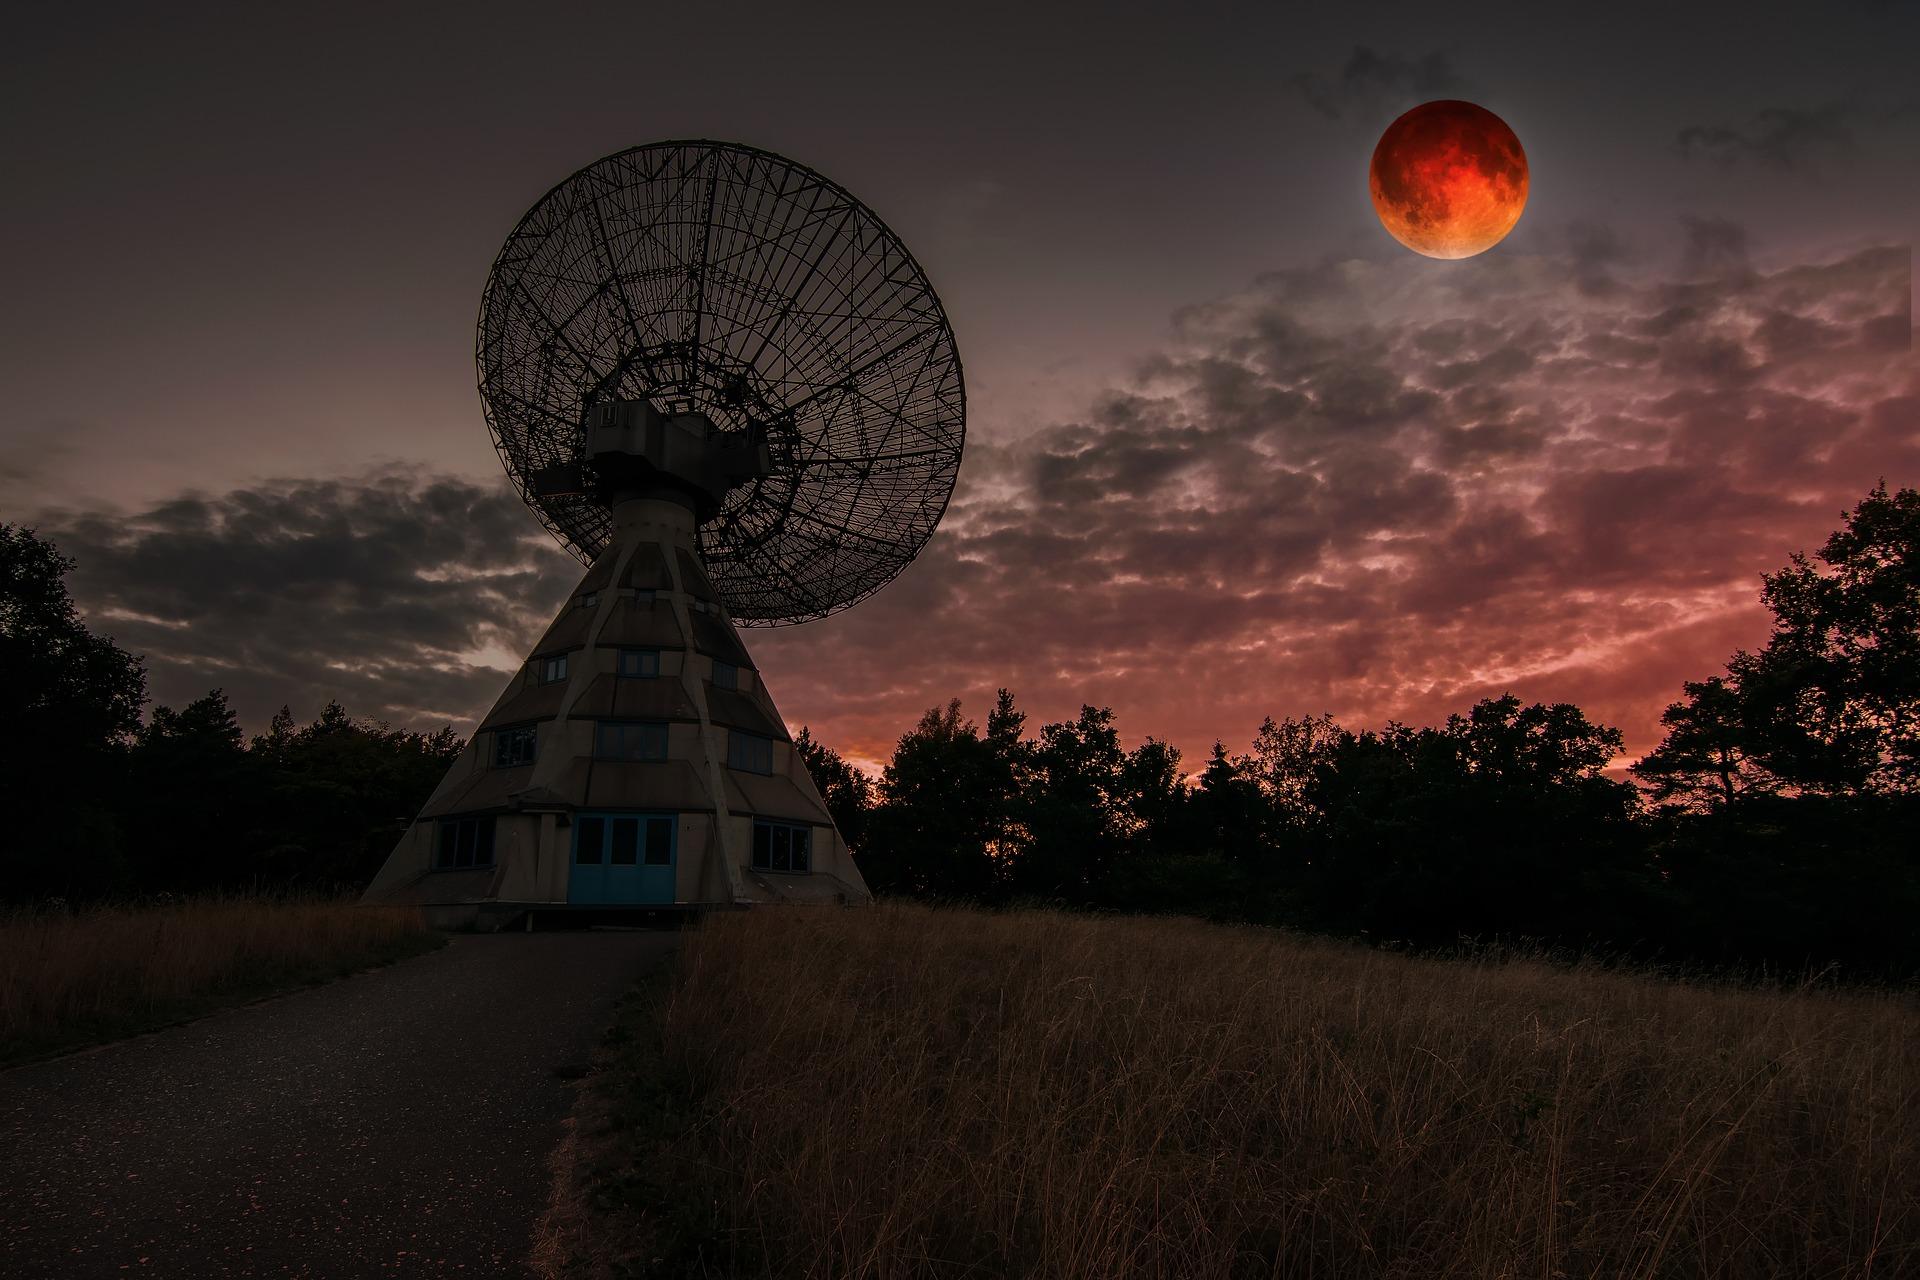 Radioteleskop-Antenne vor rötlich dunklem Himmel mit rotleuchtendem Mond